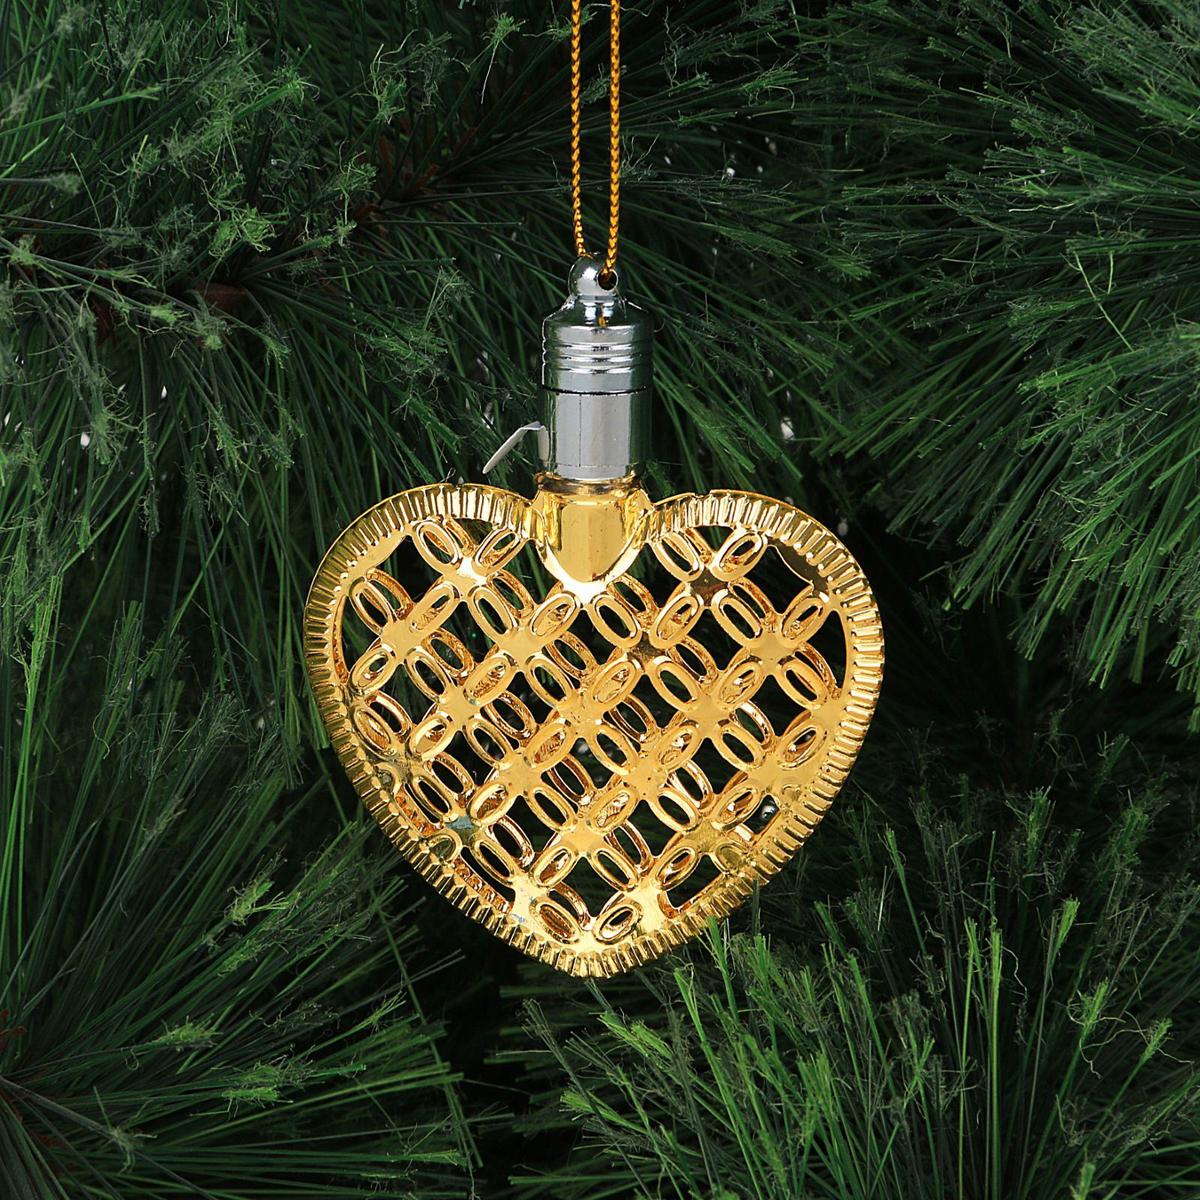 Подвеска световая Luazon Lighting Сердце, цвет: золотой, длина 7,5 см2327174Световые подвески выглядят как простые елочные игрушки днем, но при этом остаются видимы вечером. Включите изделия с наступлением темноты, и они украсят елку огоньками. Аксессуары работают от батареек и пожаробезопасны, так как светодиоды не нагреваются, в отличие от ламп накаливания.